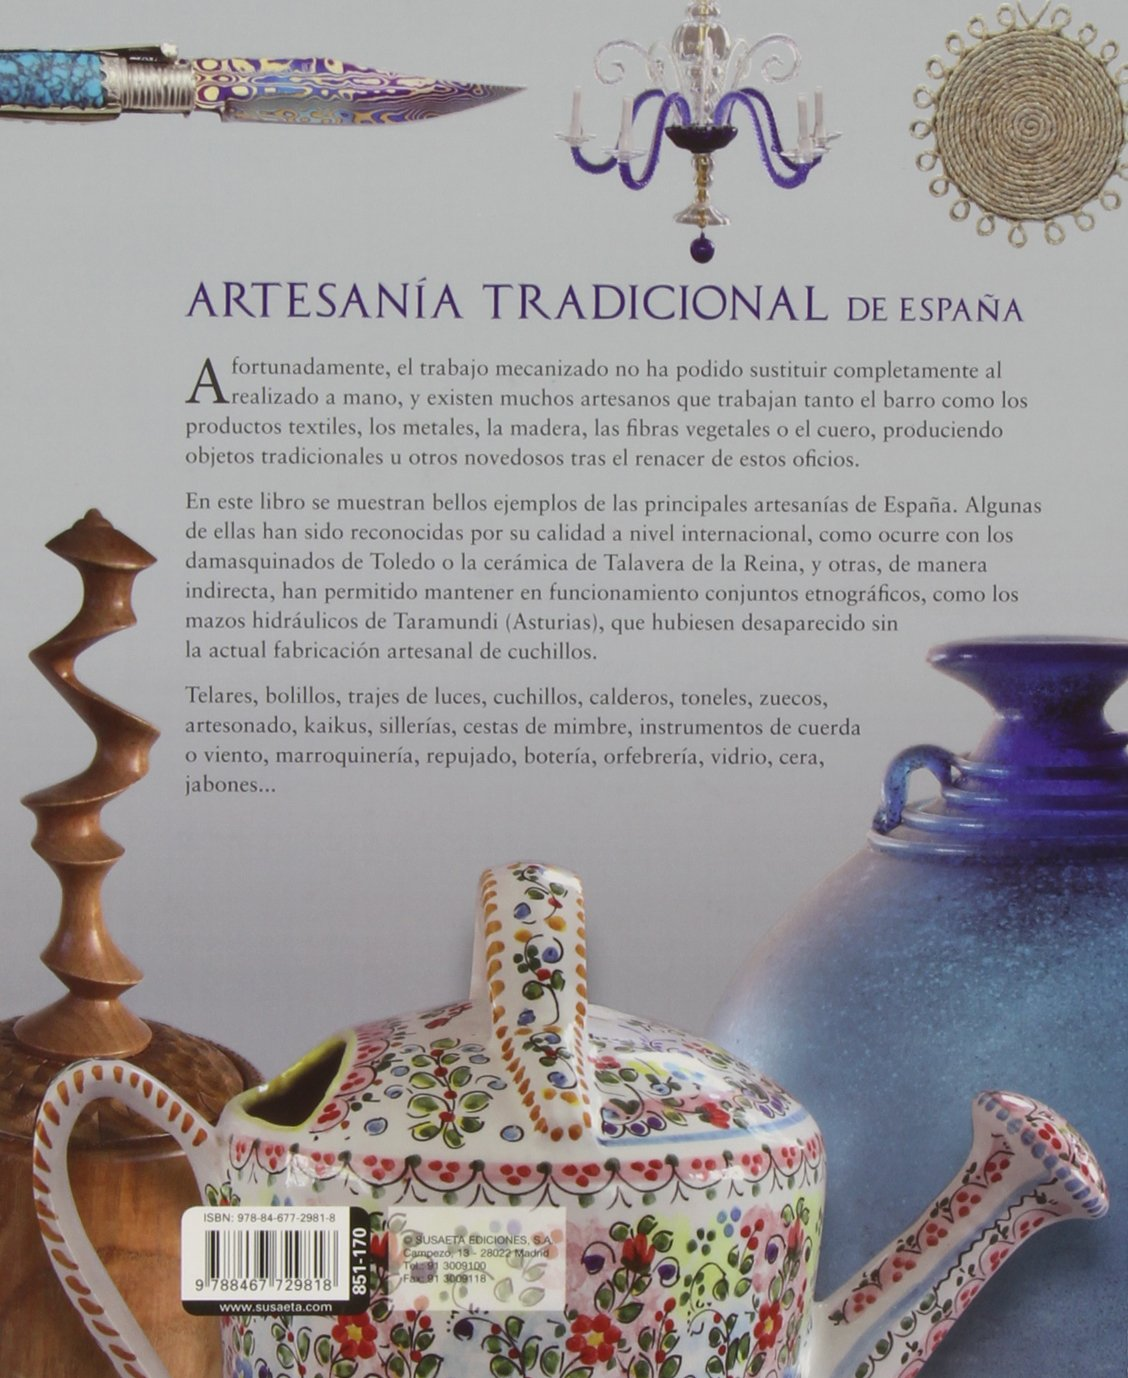 Atlas ilustrado de artesanía tradicional de España: S-851 ...